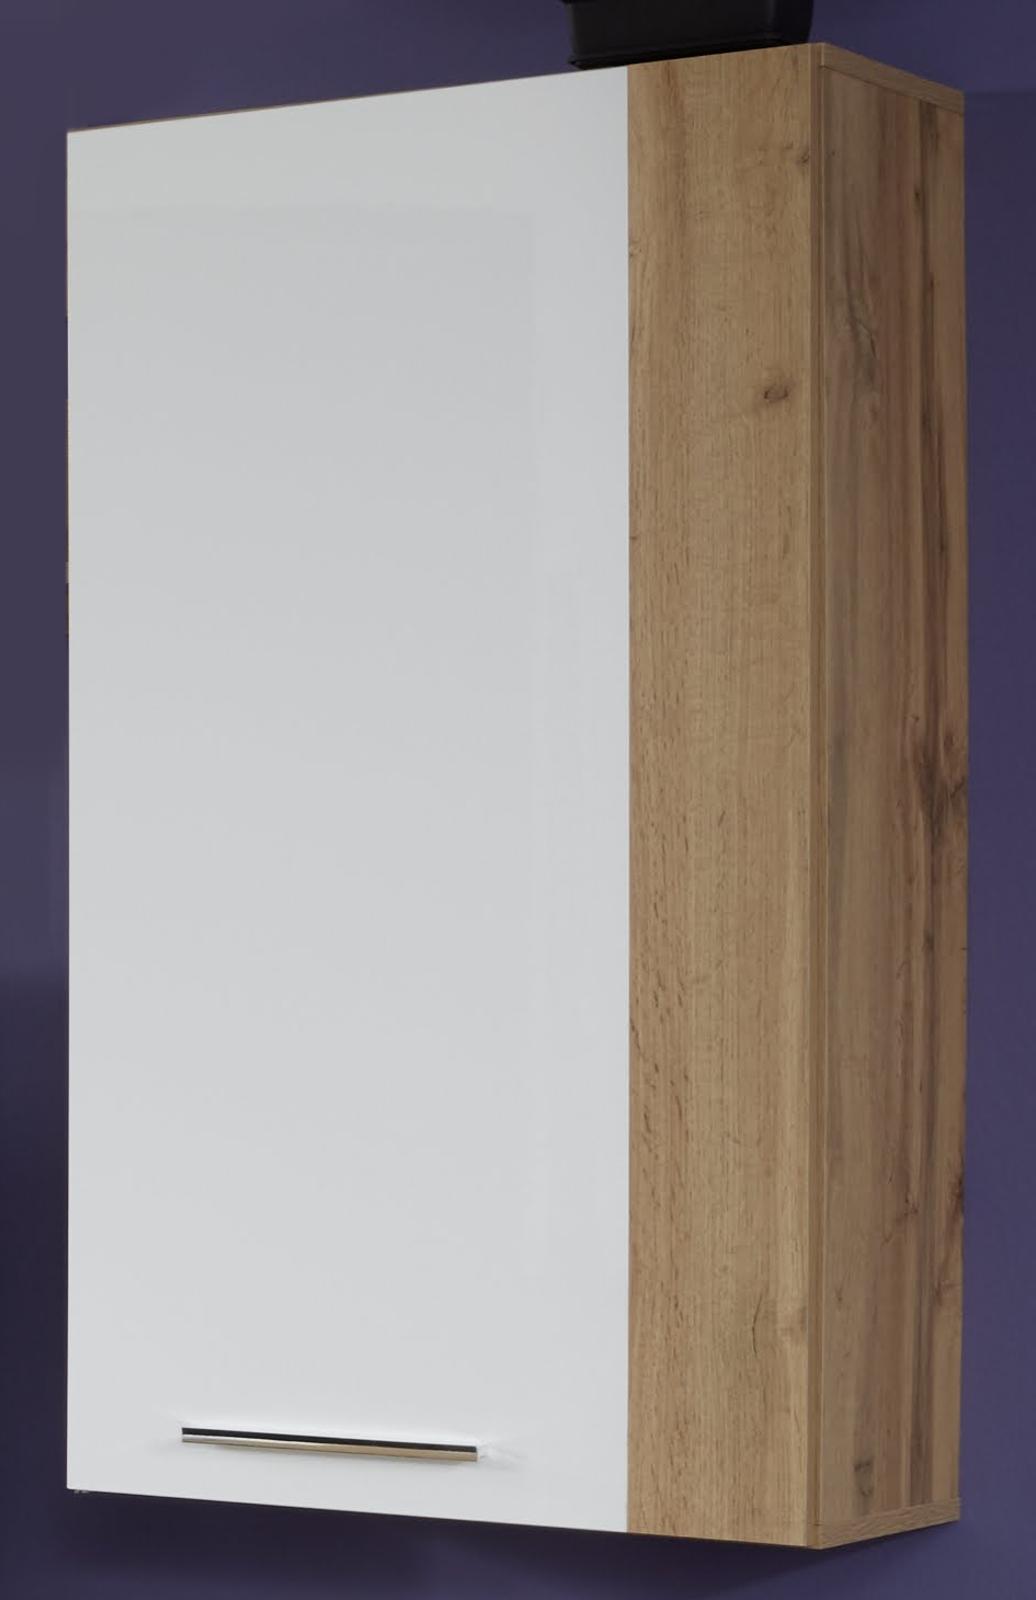 Full Size of Hängeschrank Wohnzimmer Hngeschrank Rock Wei Hochglanz Und Eiche 52 103 Cm Vinylboden Küche Glastüren Deckenlampen Modern Vitrine Weiß Landhausstil Wohnzimmer Hängeschrank Wohnzimmer